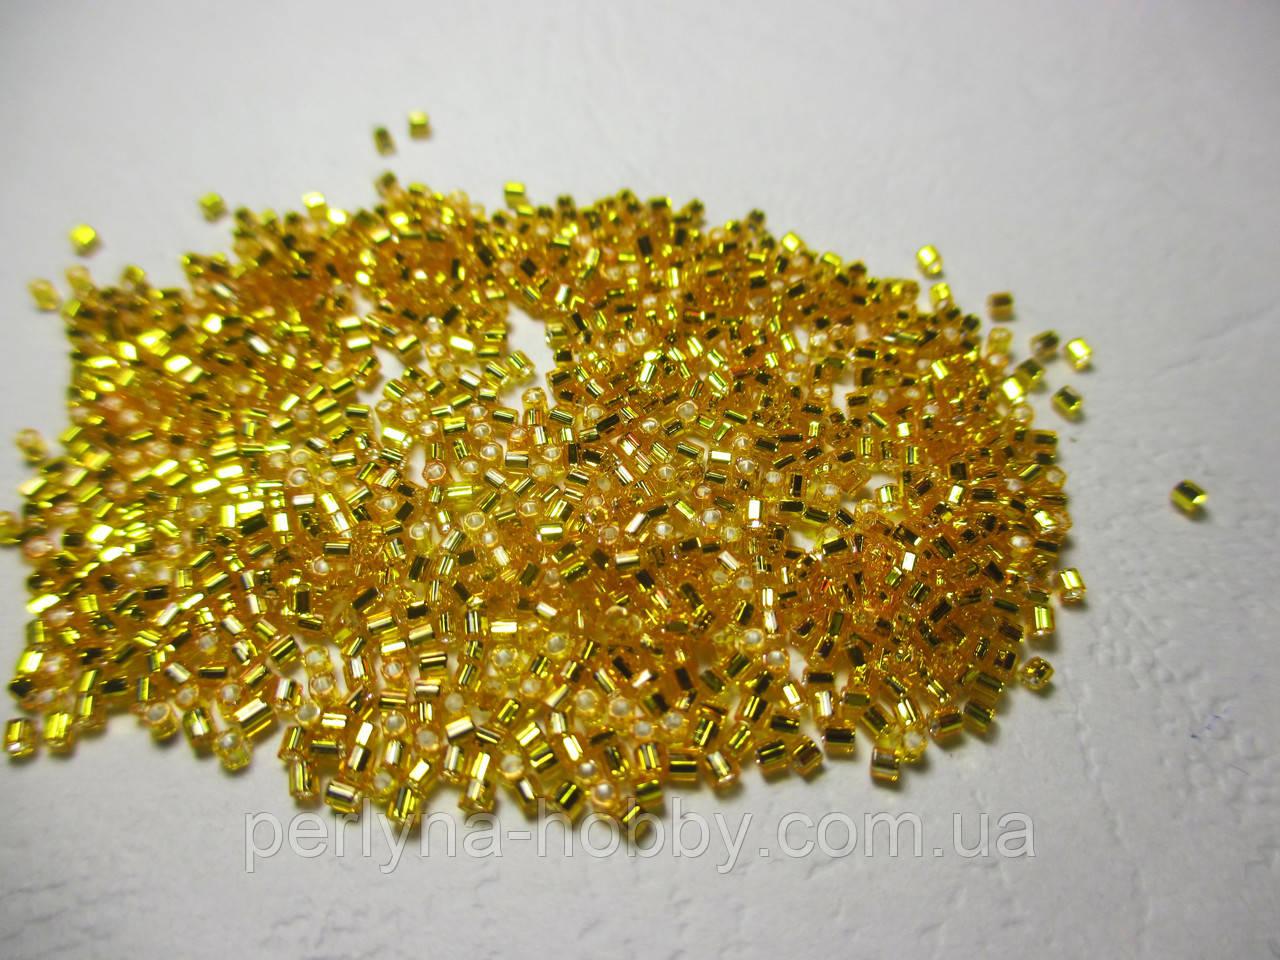 Бисер рубка японский ювелирный № 15 мелкий Матсуно MATSUNO BEADS Япония  5 гр, № 36. жовто-гарячий